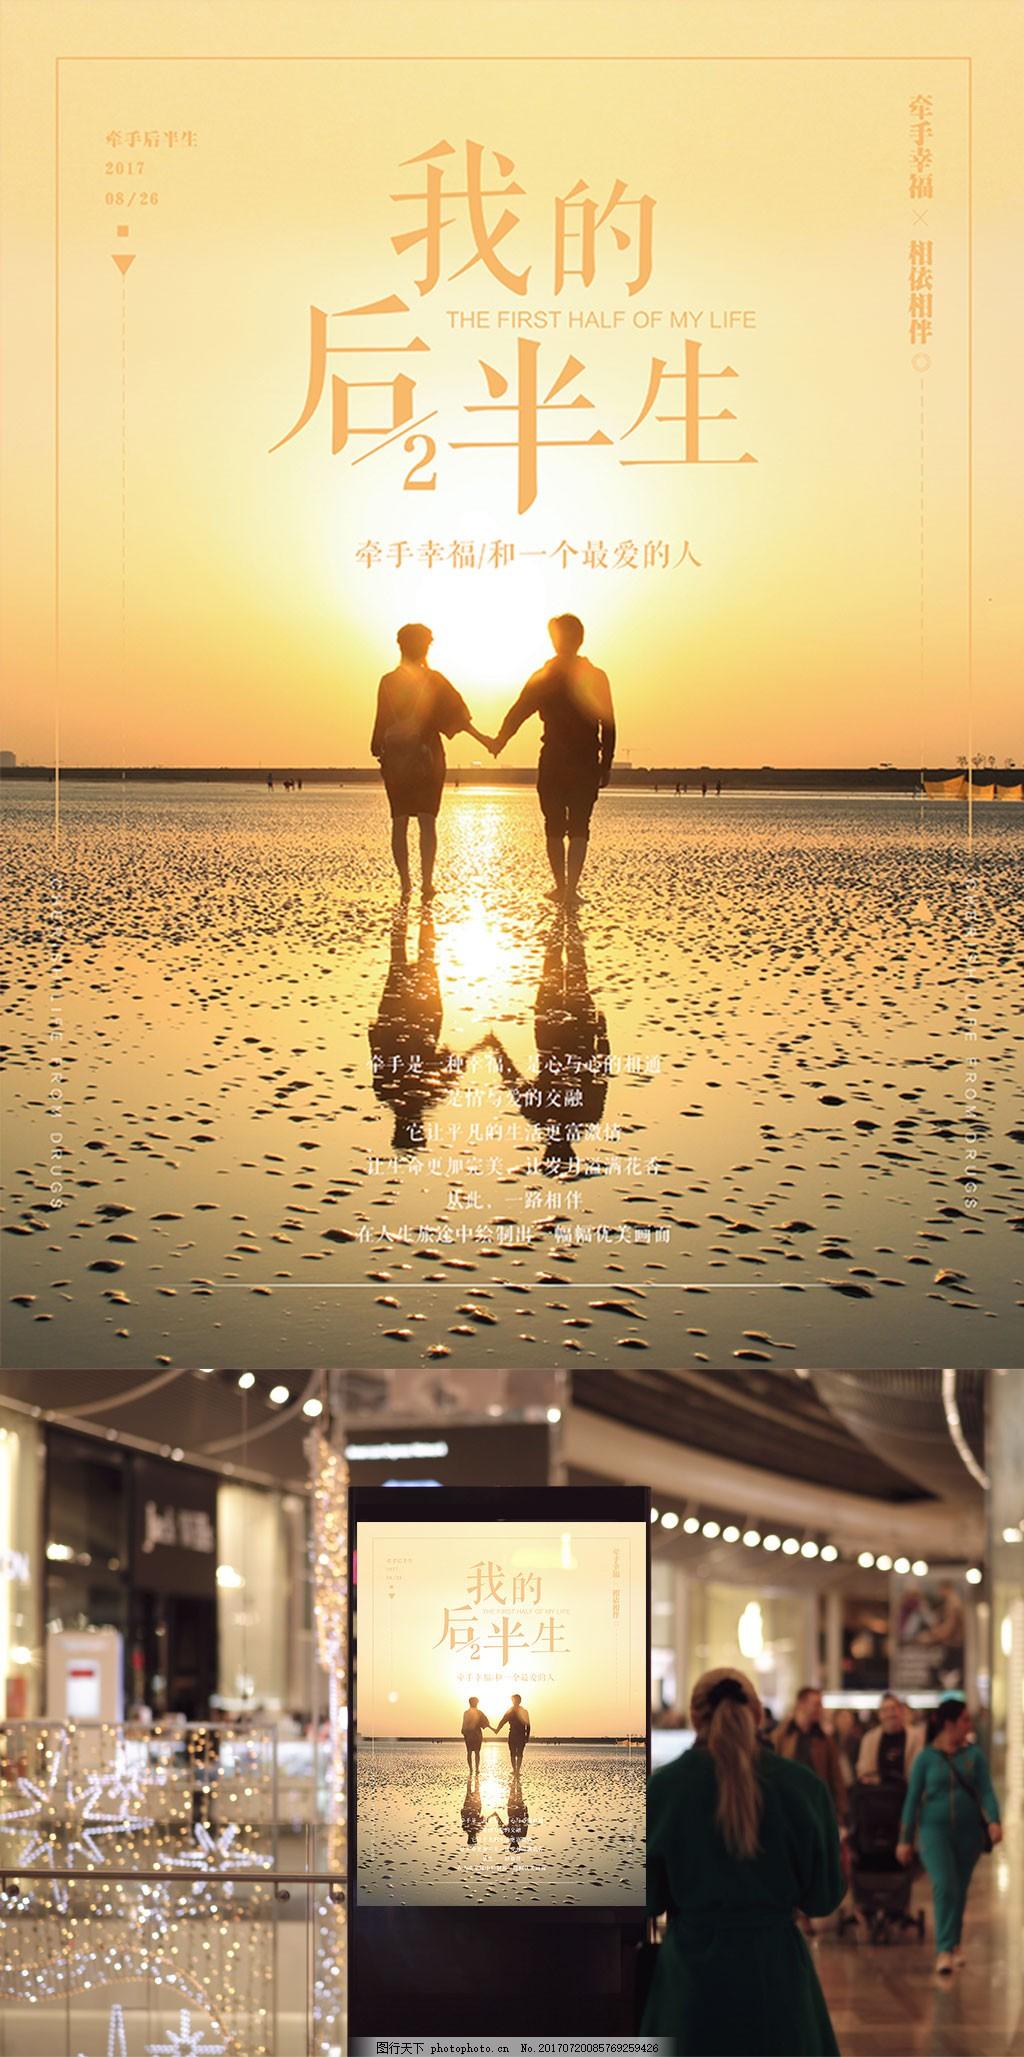 夕阳情侣意境我的后半生海报 牵手 唯美 情感 微信配图 微博配图